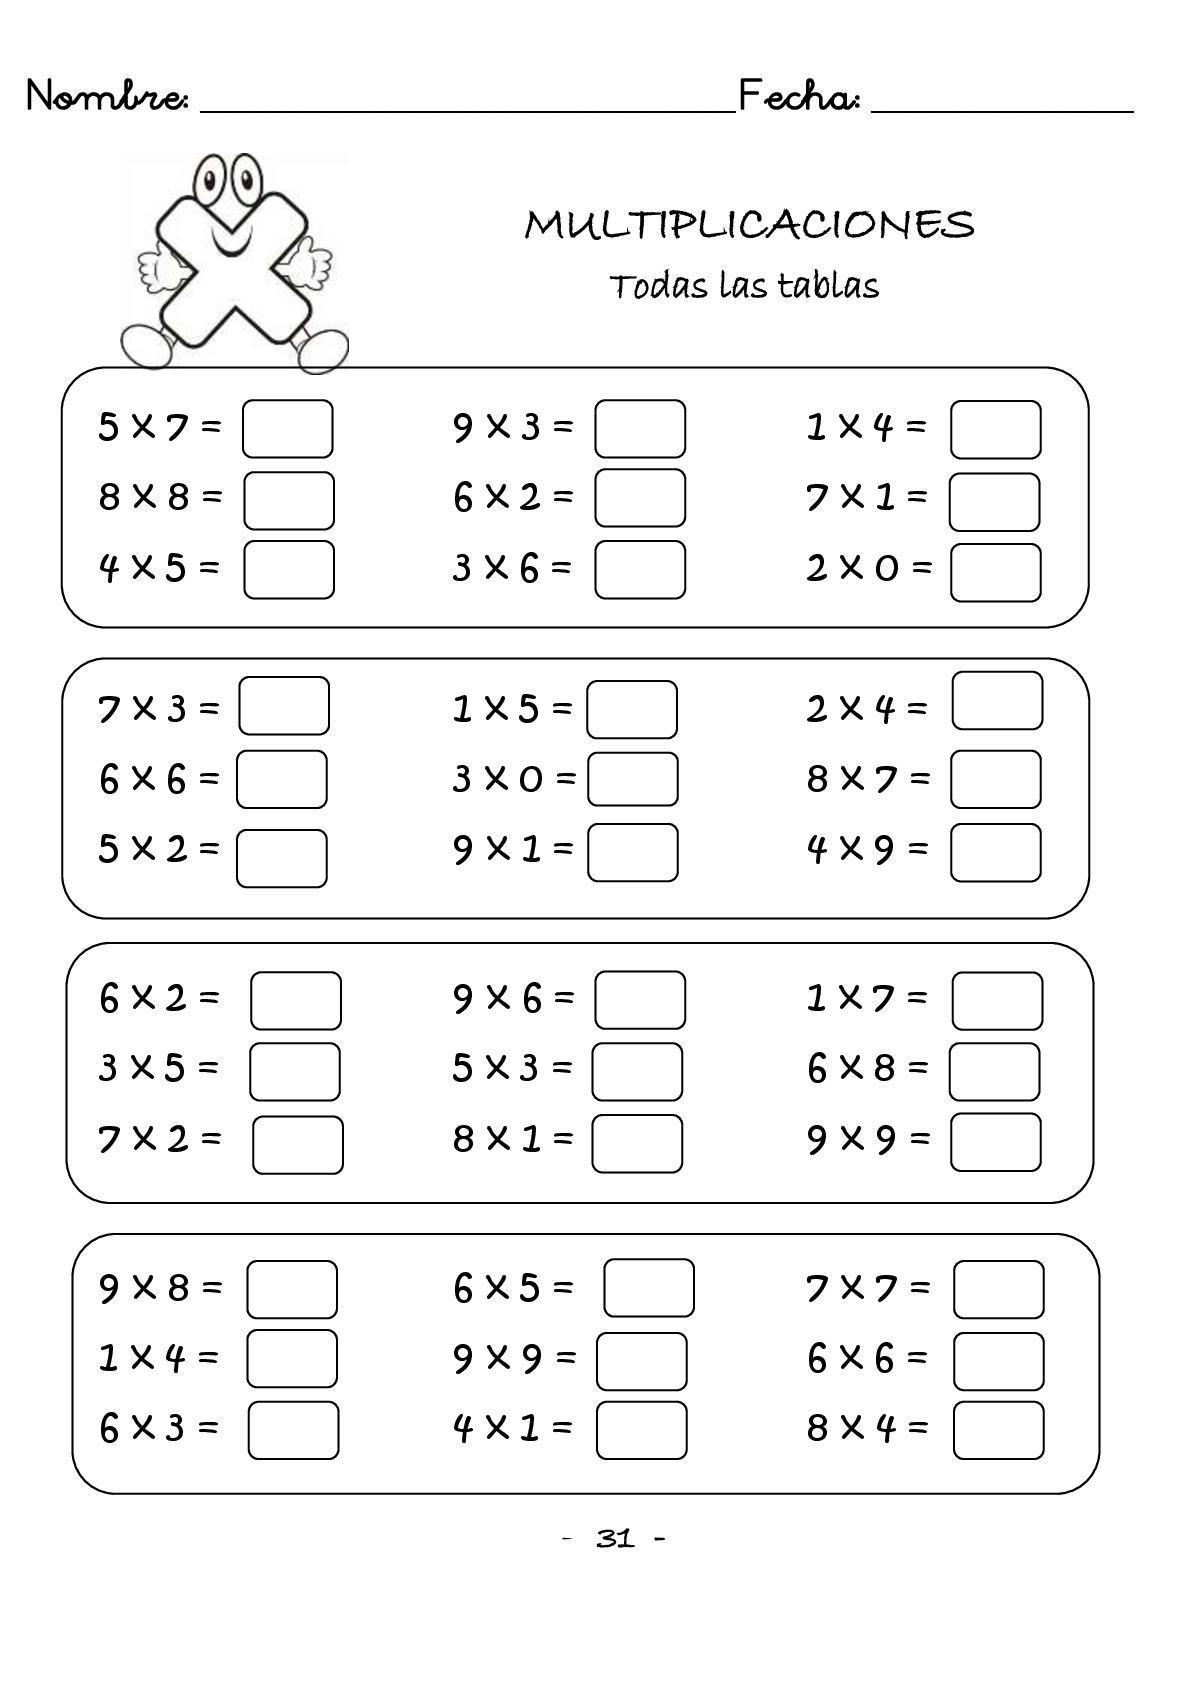 multiplicaciones-rapidas-una-cifra-protegido-032